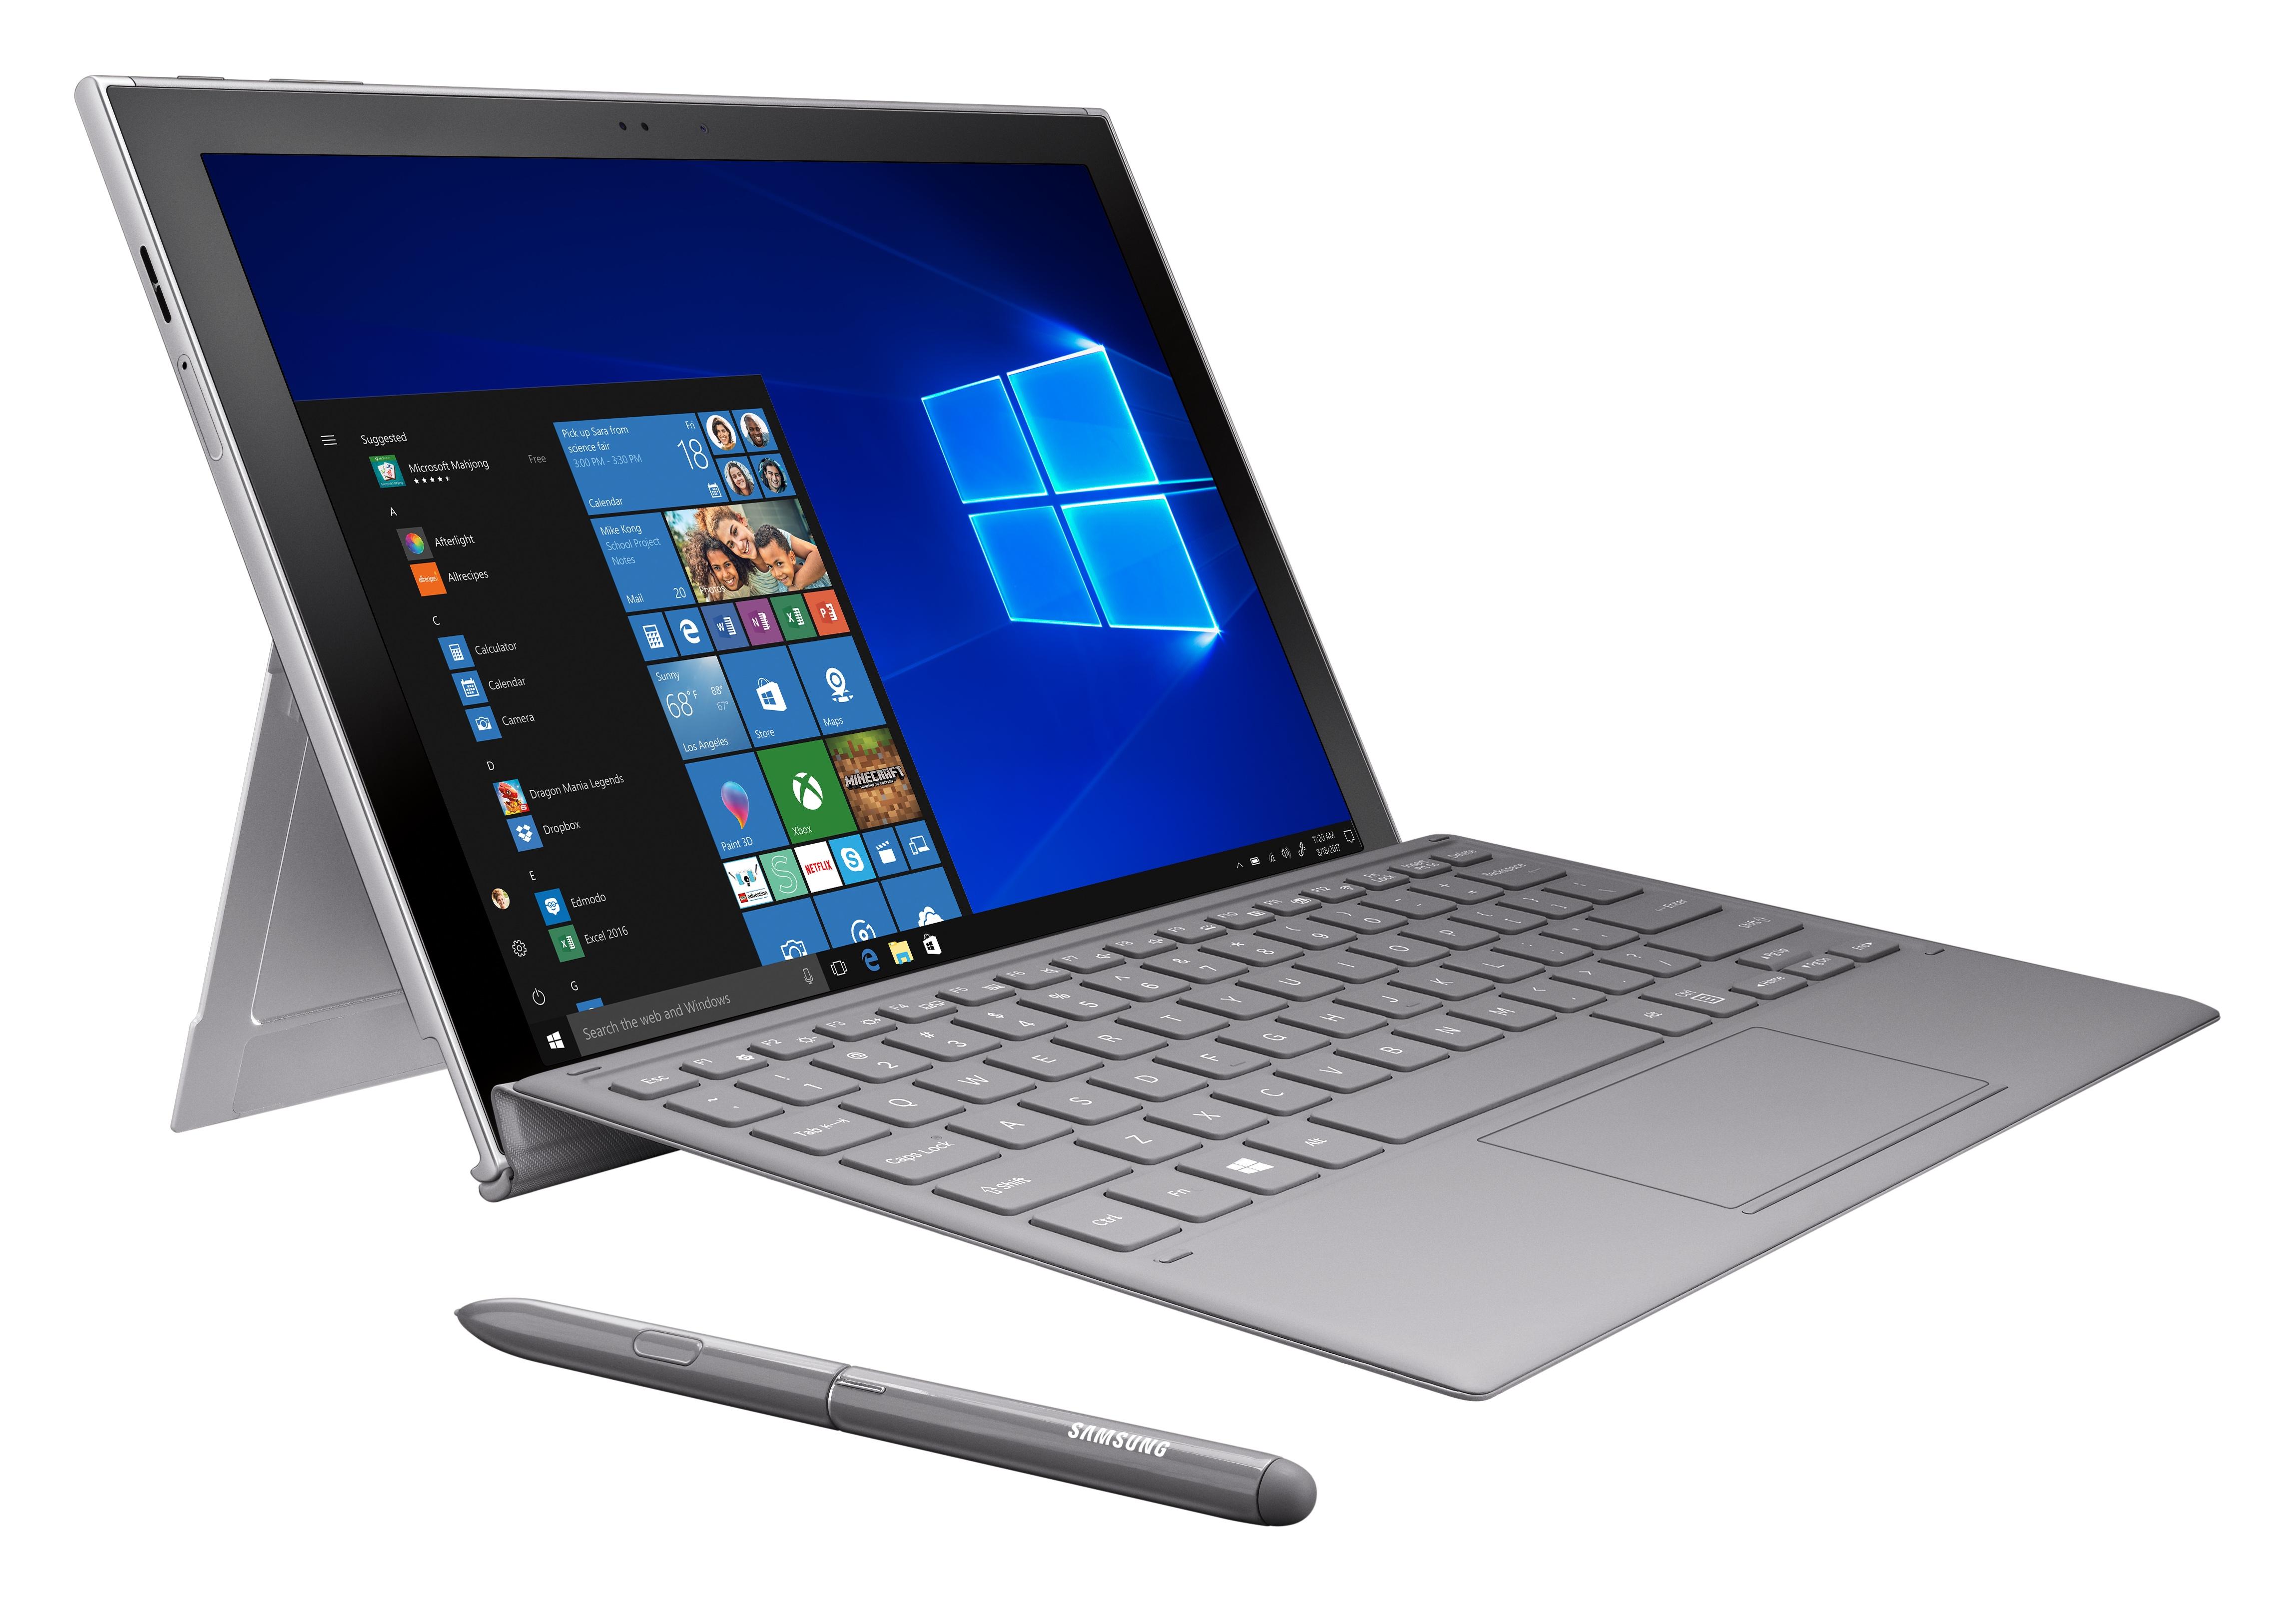 Le Samsung Galaxy Book S a été certifié Bluetooth, l'ordinateur hybride se rapproche